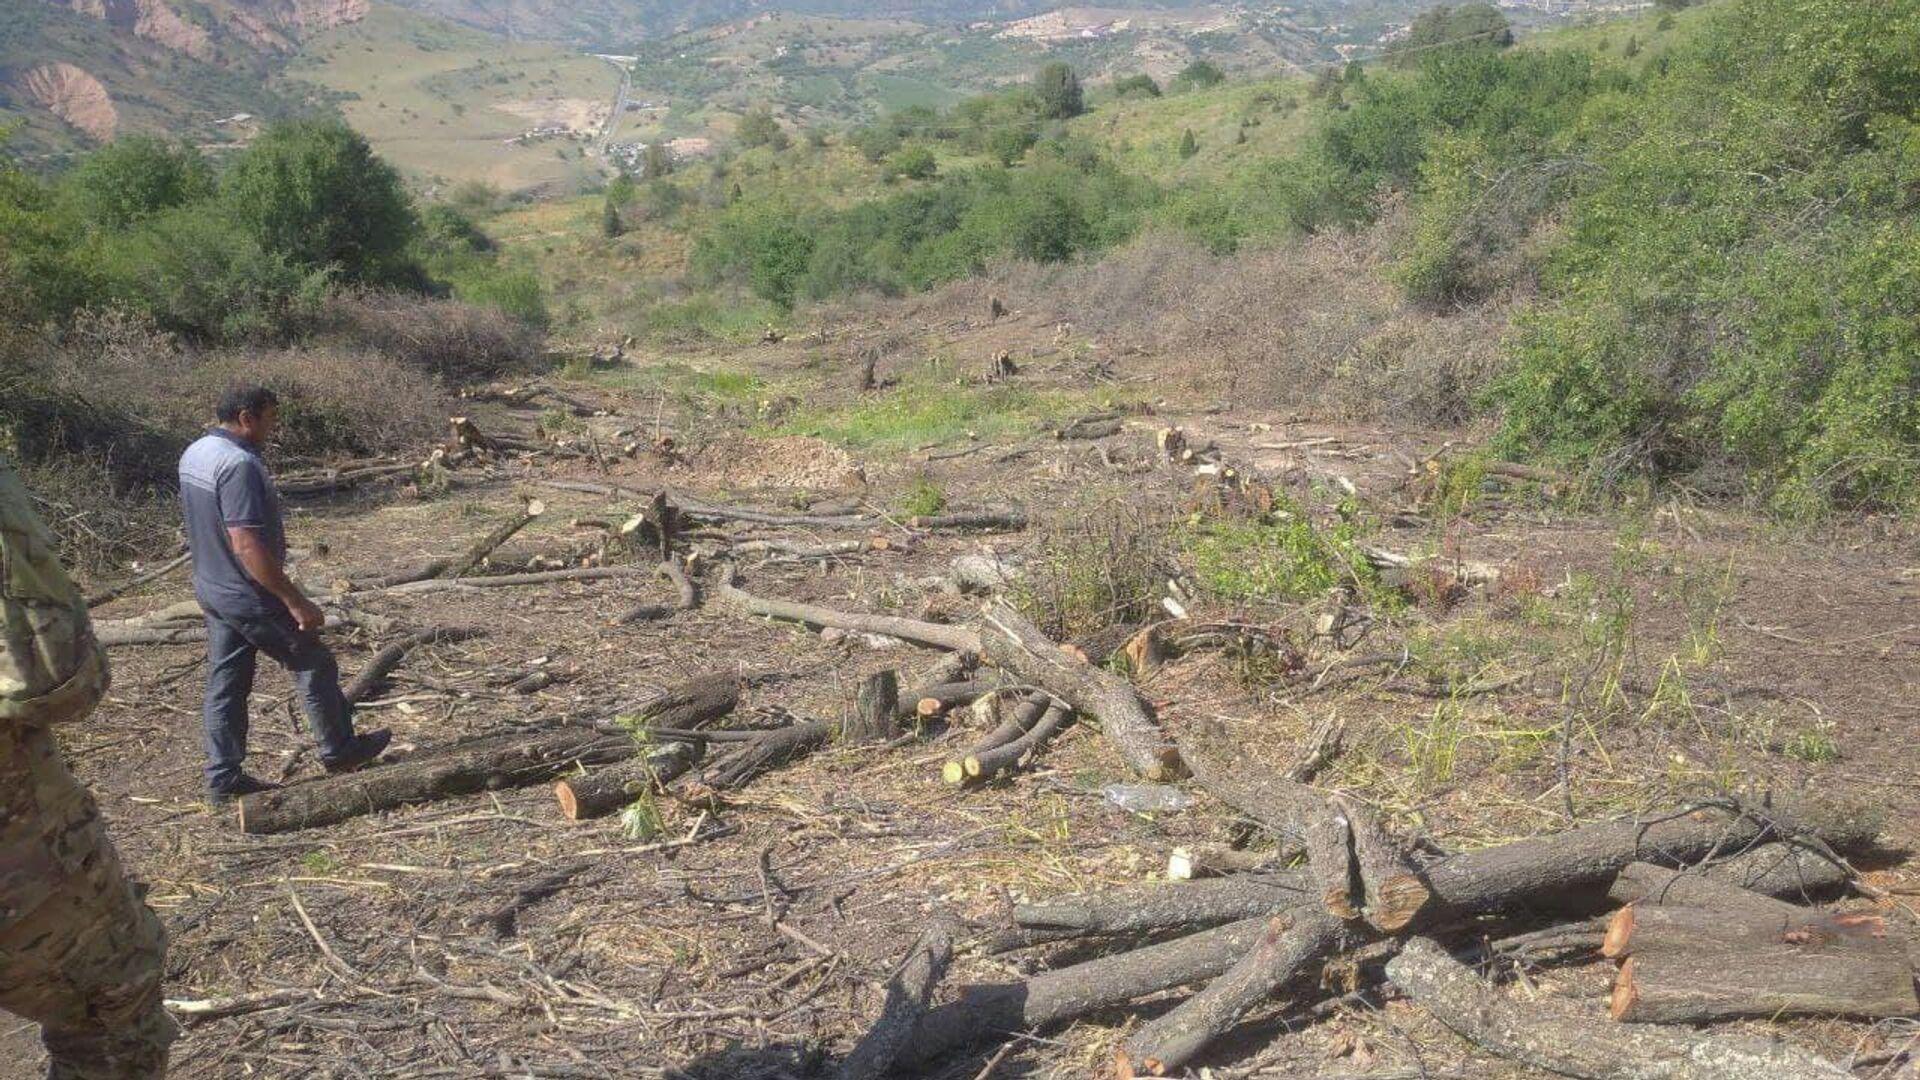 Вырубка деревьев в курортной зоне Амирсай под Ташкентом  - Sputnik Узбекистан, 1920, 14.09.2021